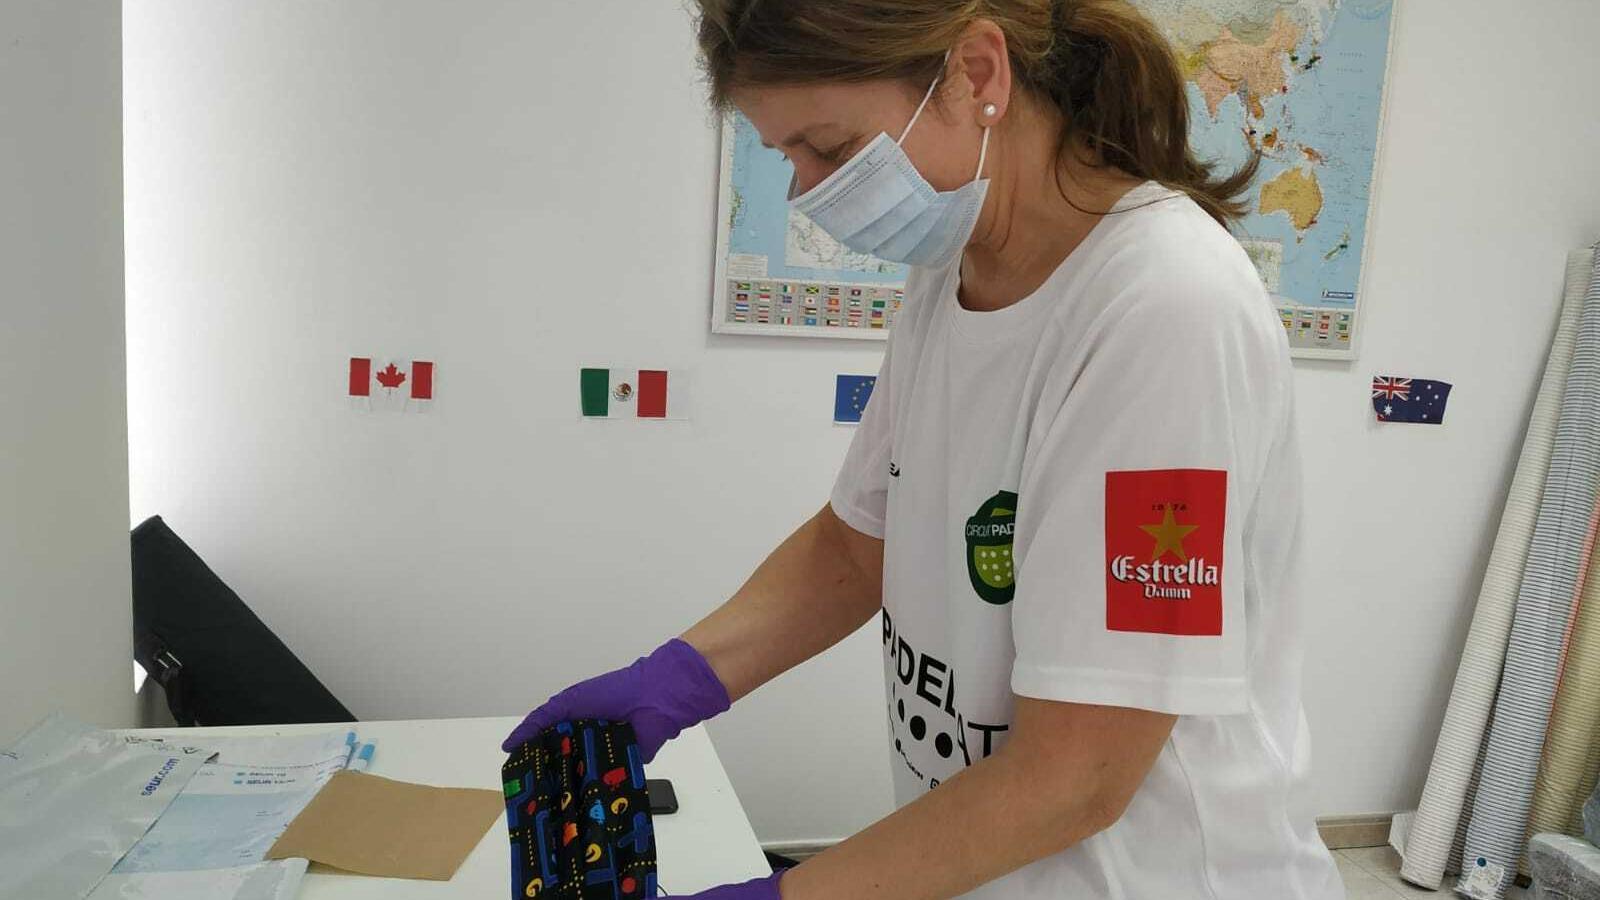 Imatge cedida per l'empresa Robin Hat que ha posat en marxa una iniciativa per reclutar voluntaris per cosir mascaretes per al personal sanitari de manera gratuïta